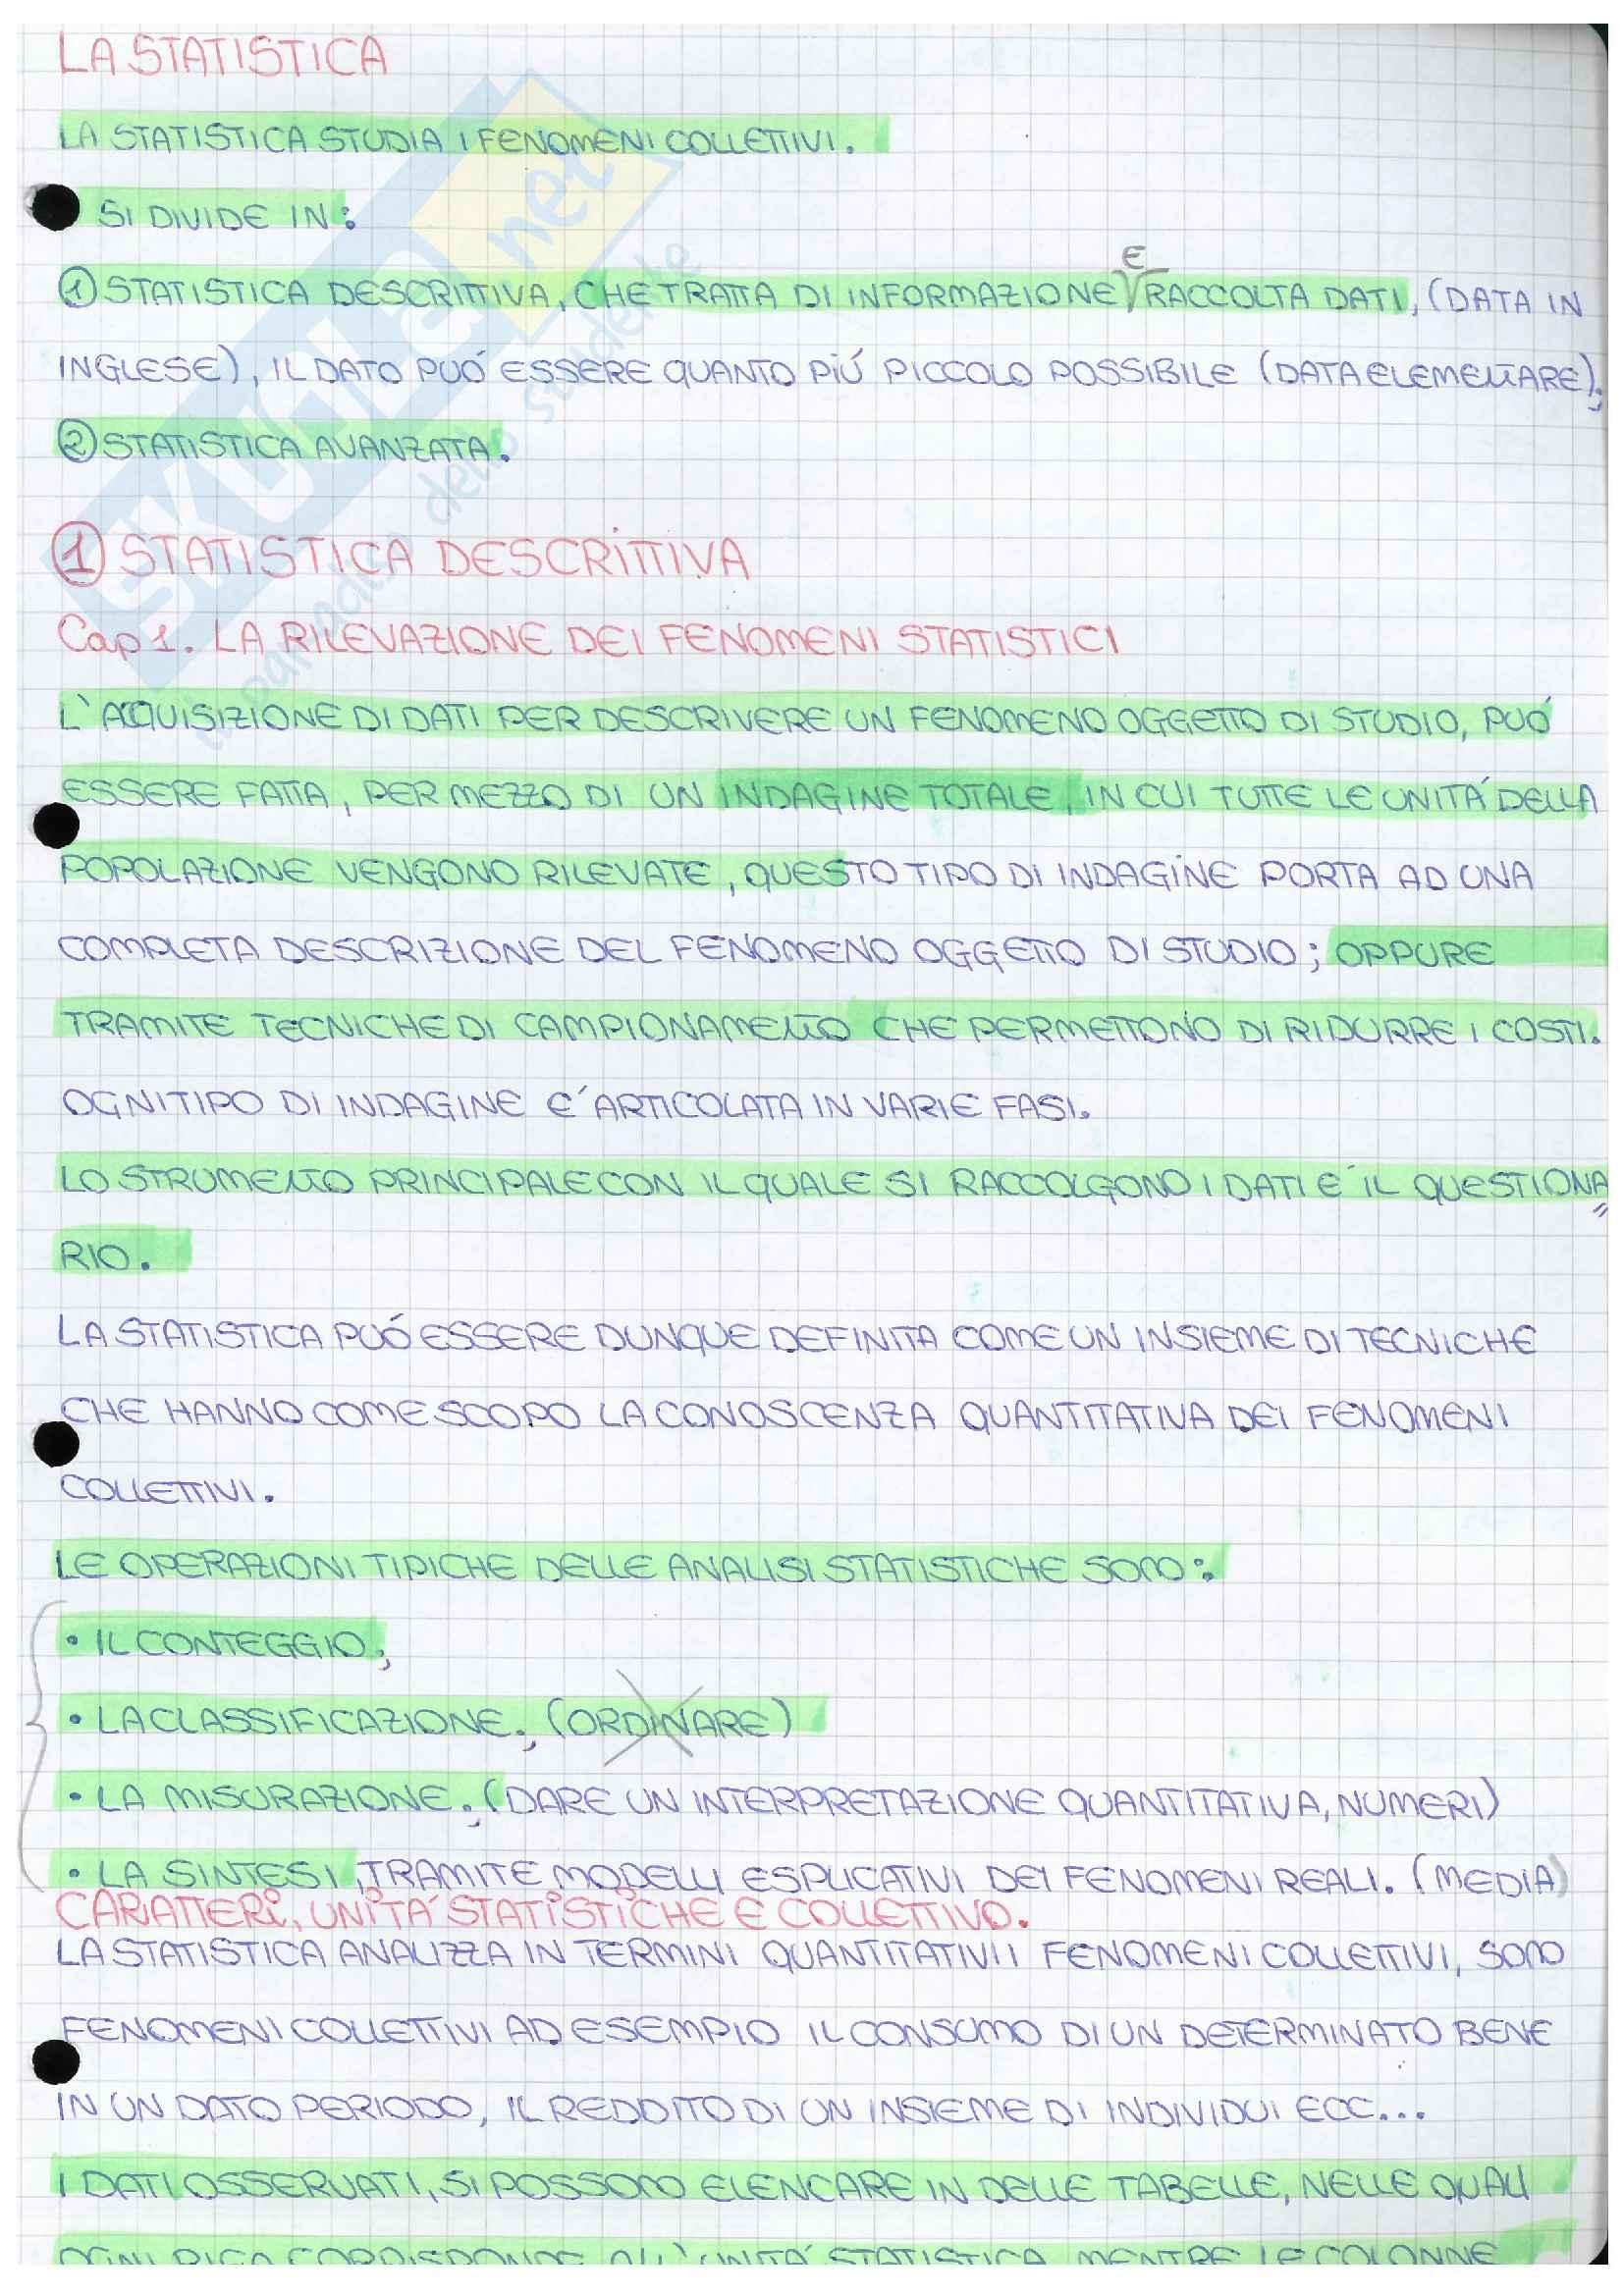 Riassunto esame Statistica, docente Oropallo, libro consigliato Statistica metodologie per le scienze economiche e sociali, Borra/Di Ciaccio